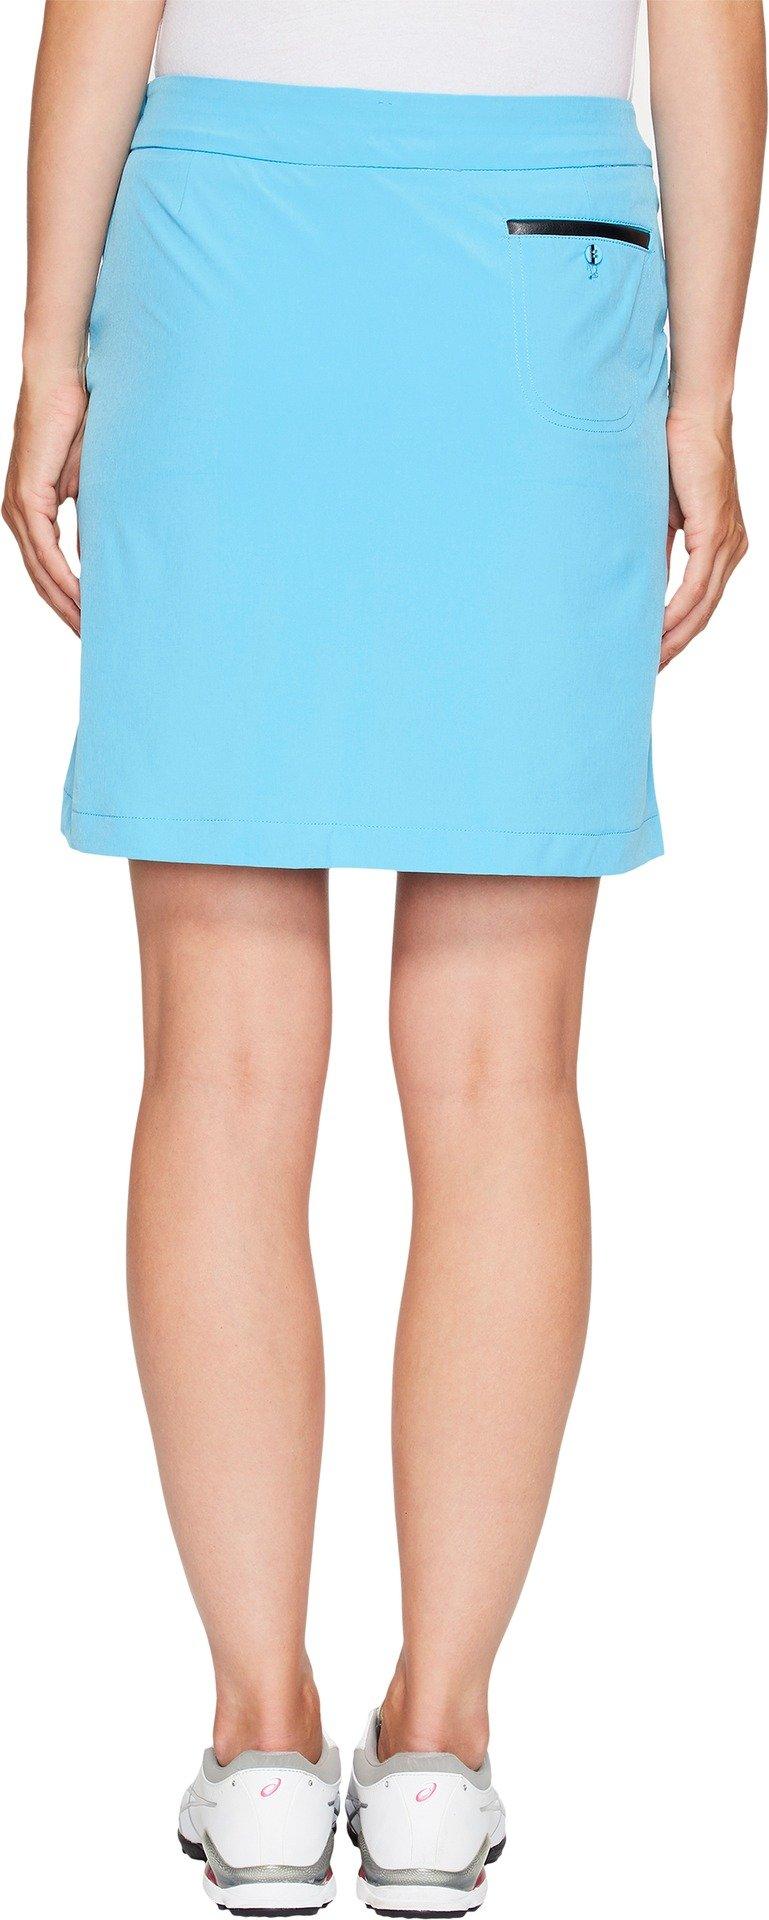 Jamie Sadock Women's Airwear Light Weight 18 in. Skort Aquarius Skirt by Jamie Sadock (Image #1)